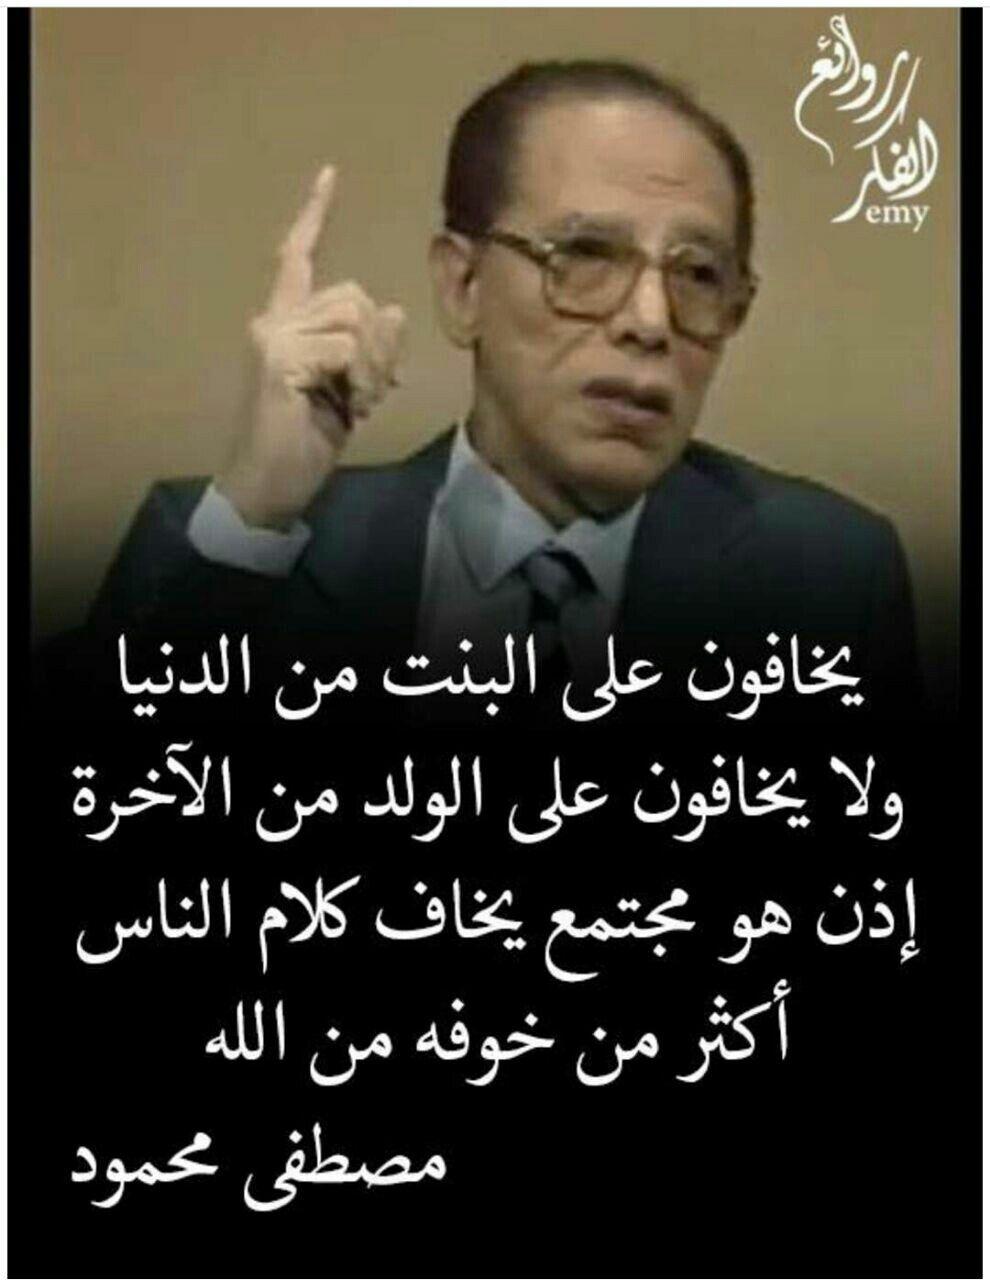 مصطفى محمود درر روائع الفكر Arabic Love Quotes Arabic Quotes Words Quotes